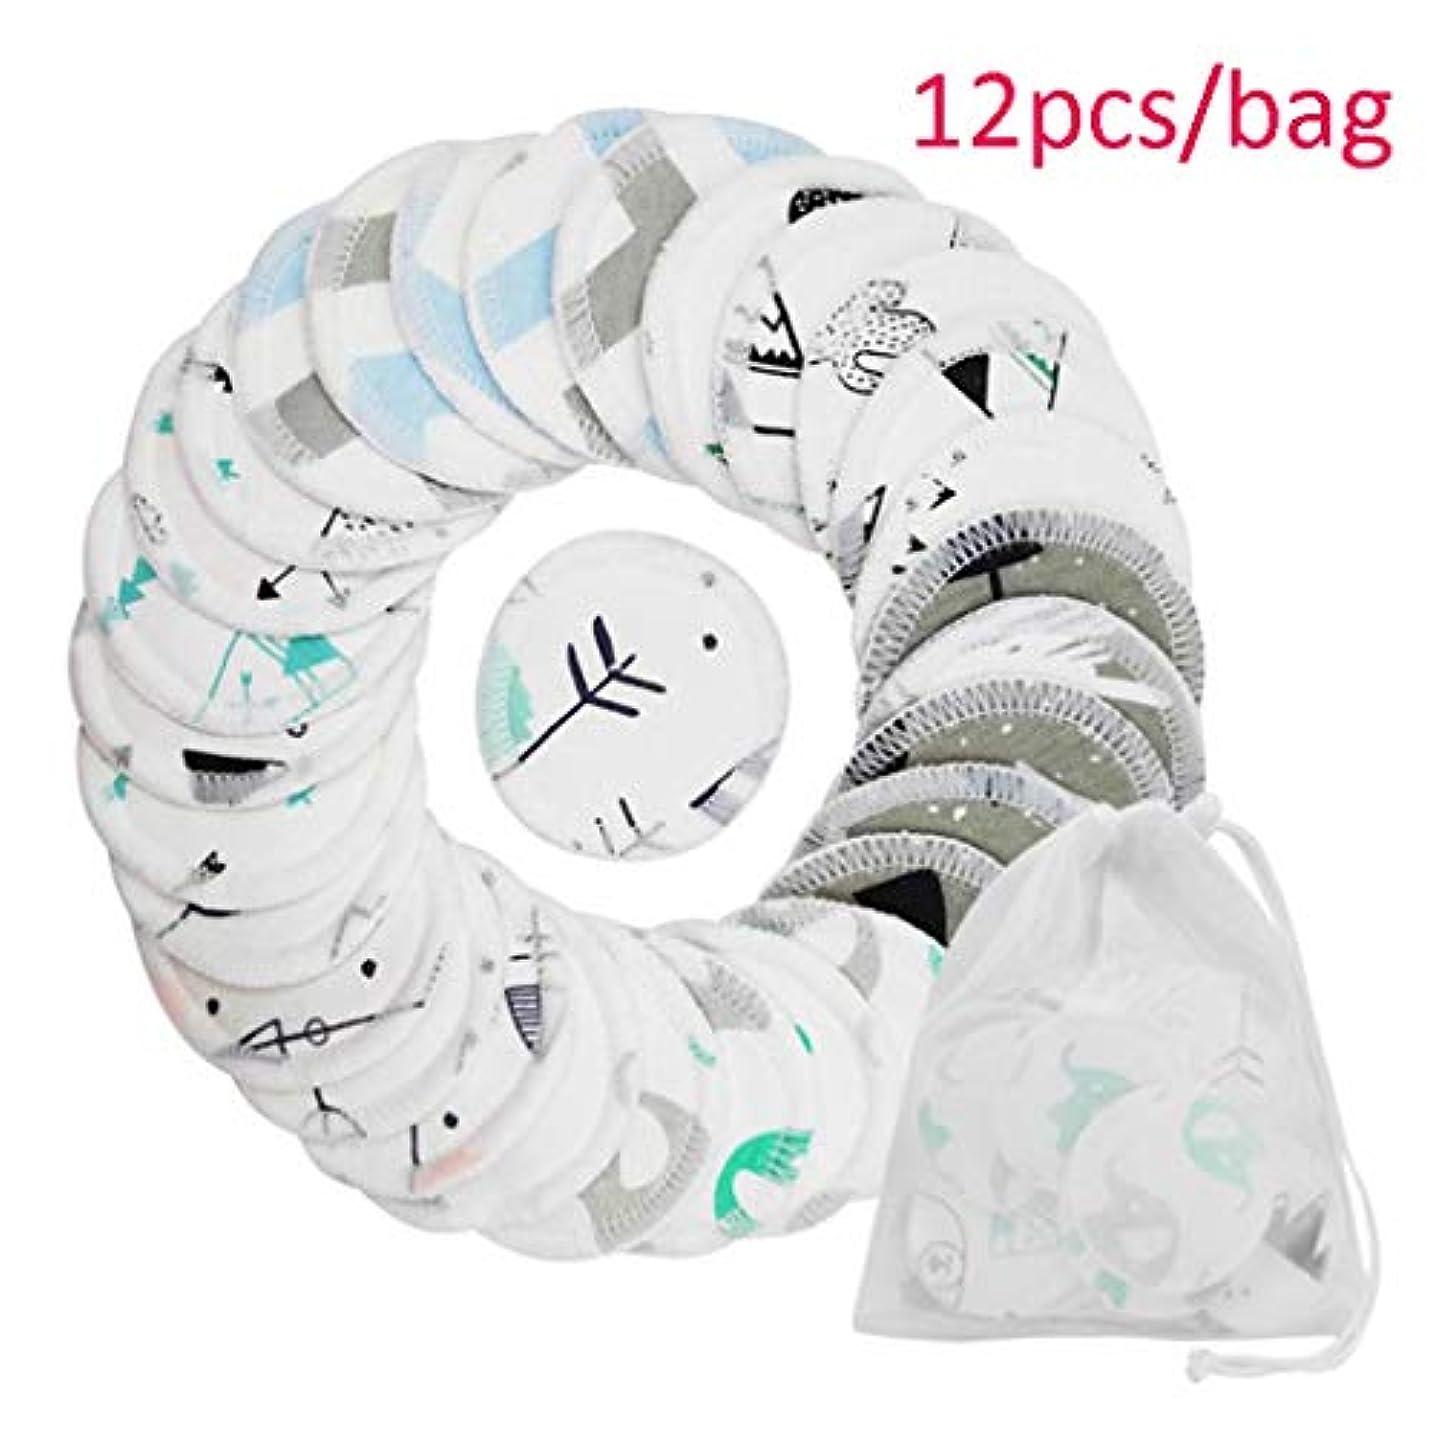 データ下にポスト印象派クレンジングシート 再利用可能な洗濯布パッド3層洗える綿ソフトメイクアップリムーバー布用女性の女の子化粧道具 (Color : White, サイズ : A(12pcs/bag))